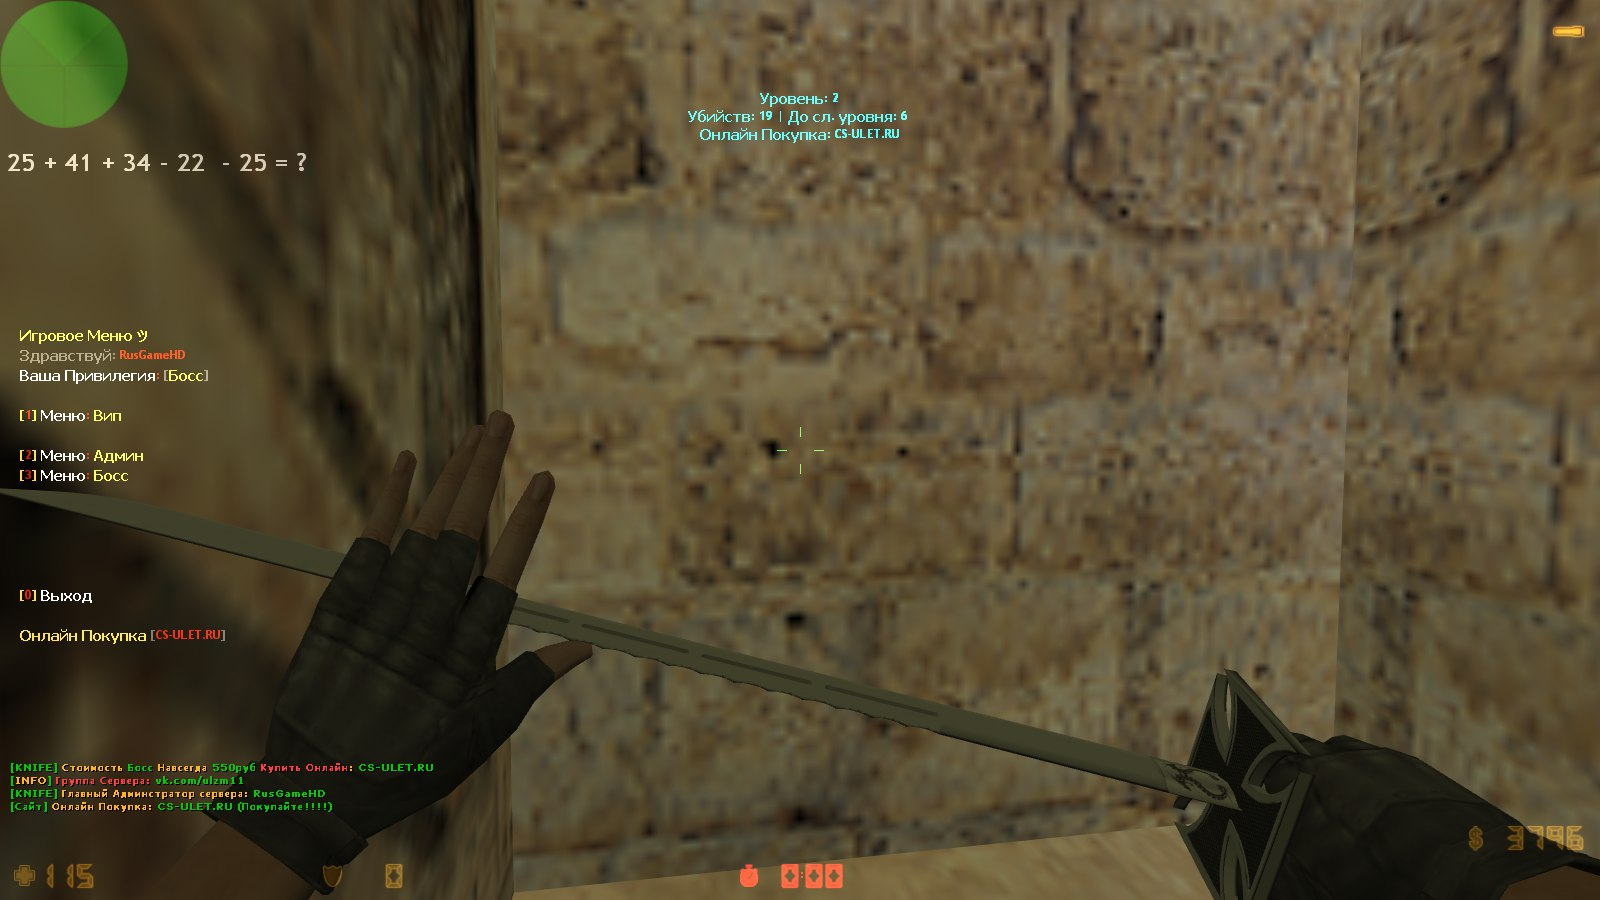 [CS-ULET.RU] Улетный KNIFE + ВСЕ Исходники